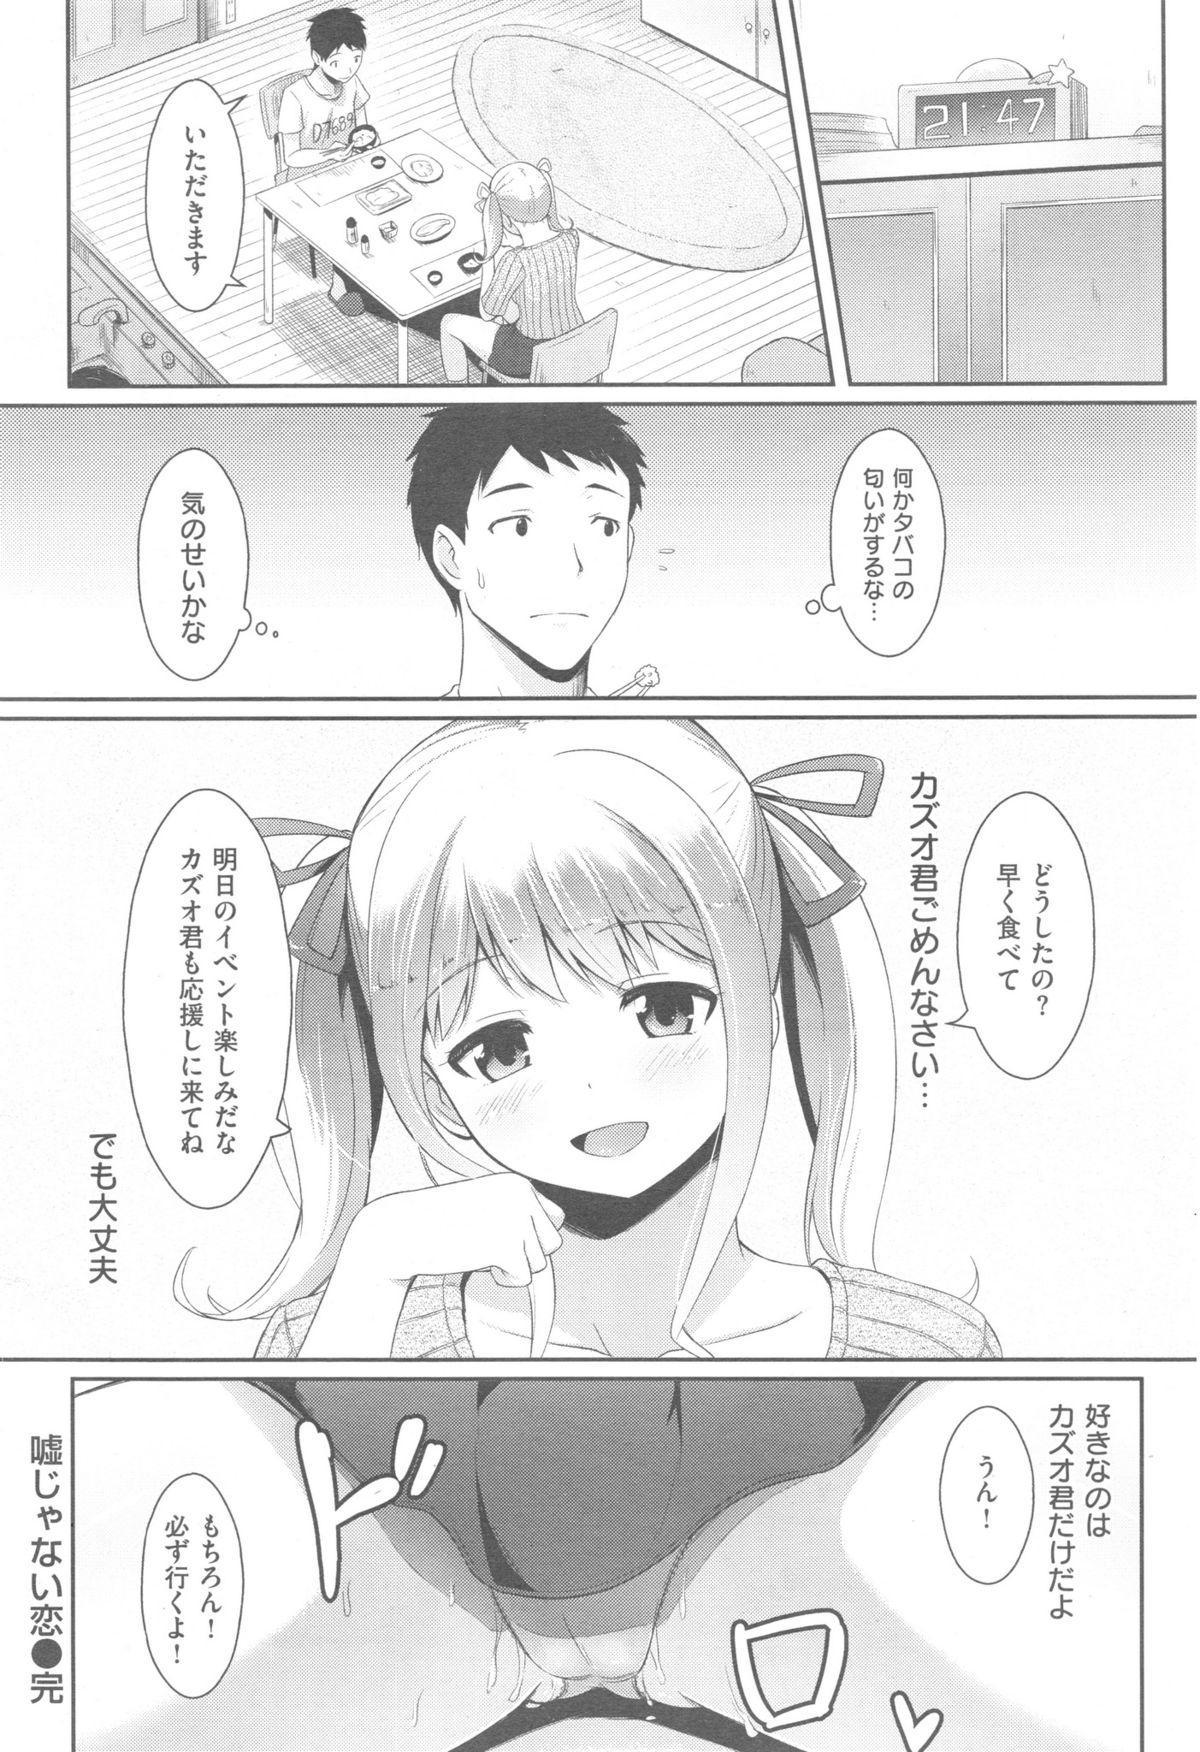 COMIC Kairakuten XTC Vol. 5 286